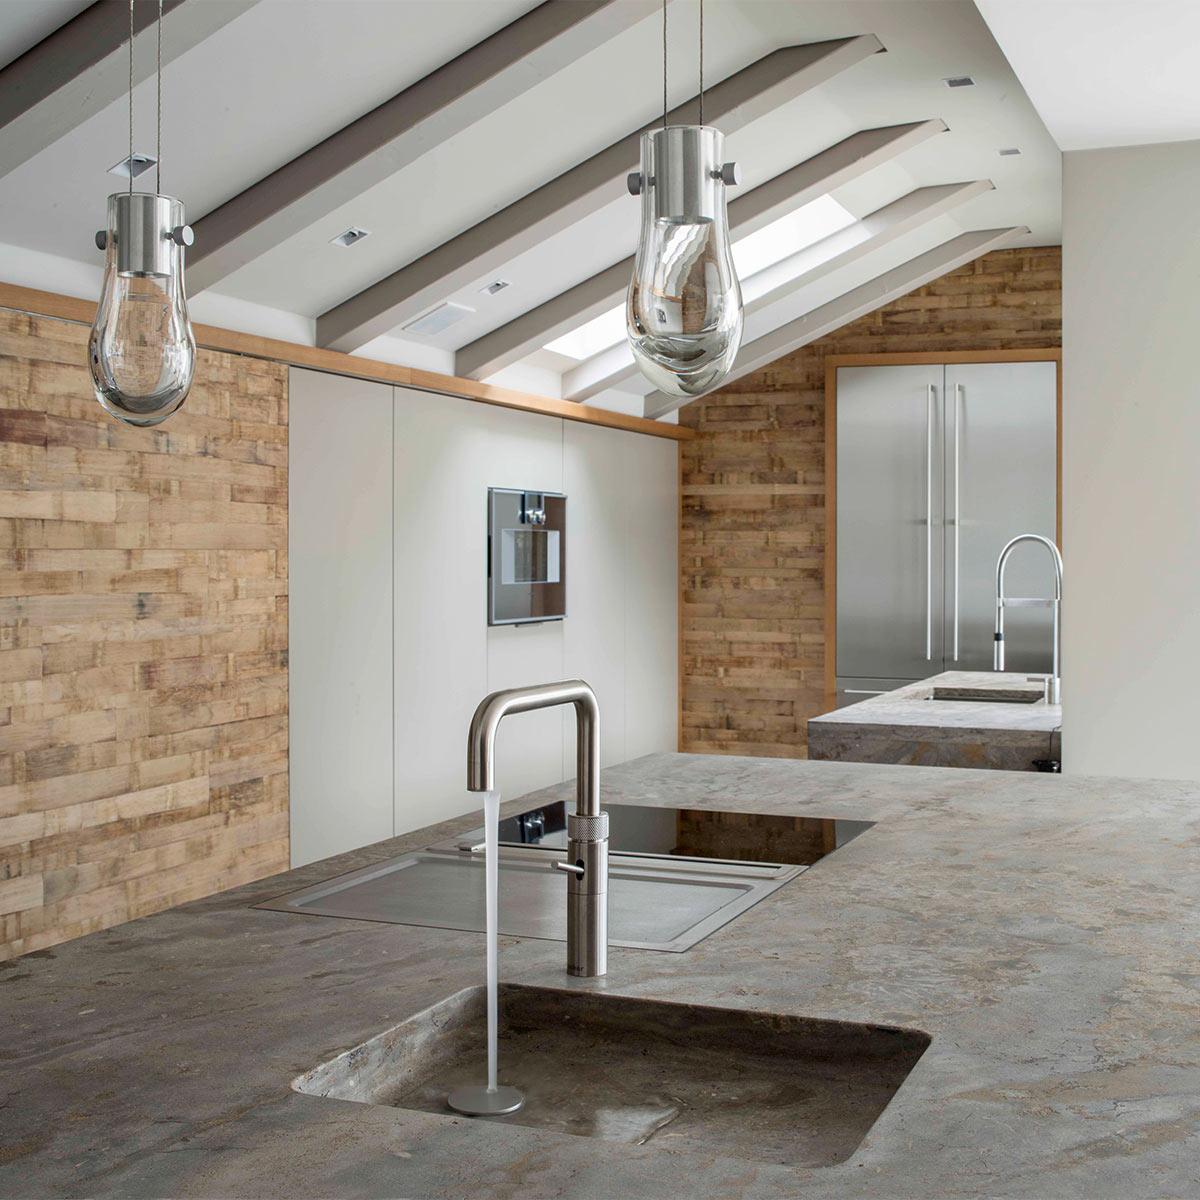 naturstein kchenplatte good darber hinaus verhindert die glatte oberflche with naturstein. Black Bedroom Furniture Sets. Home Design Ideas